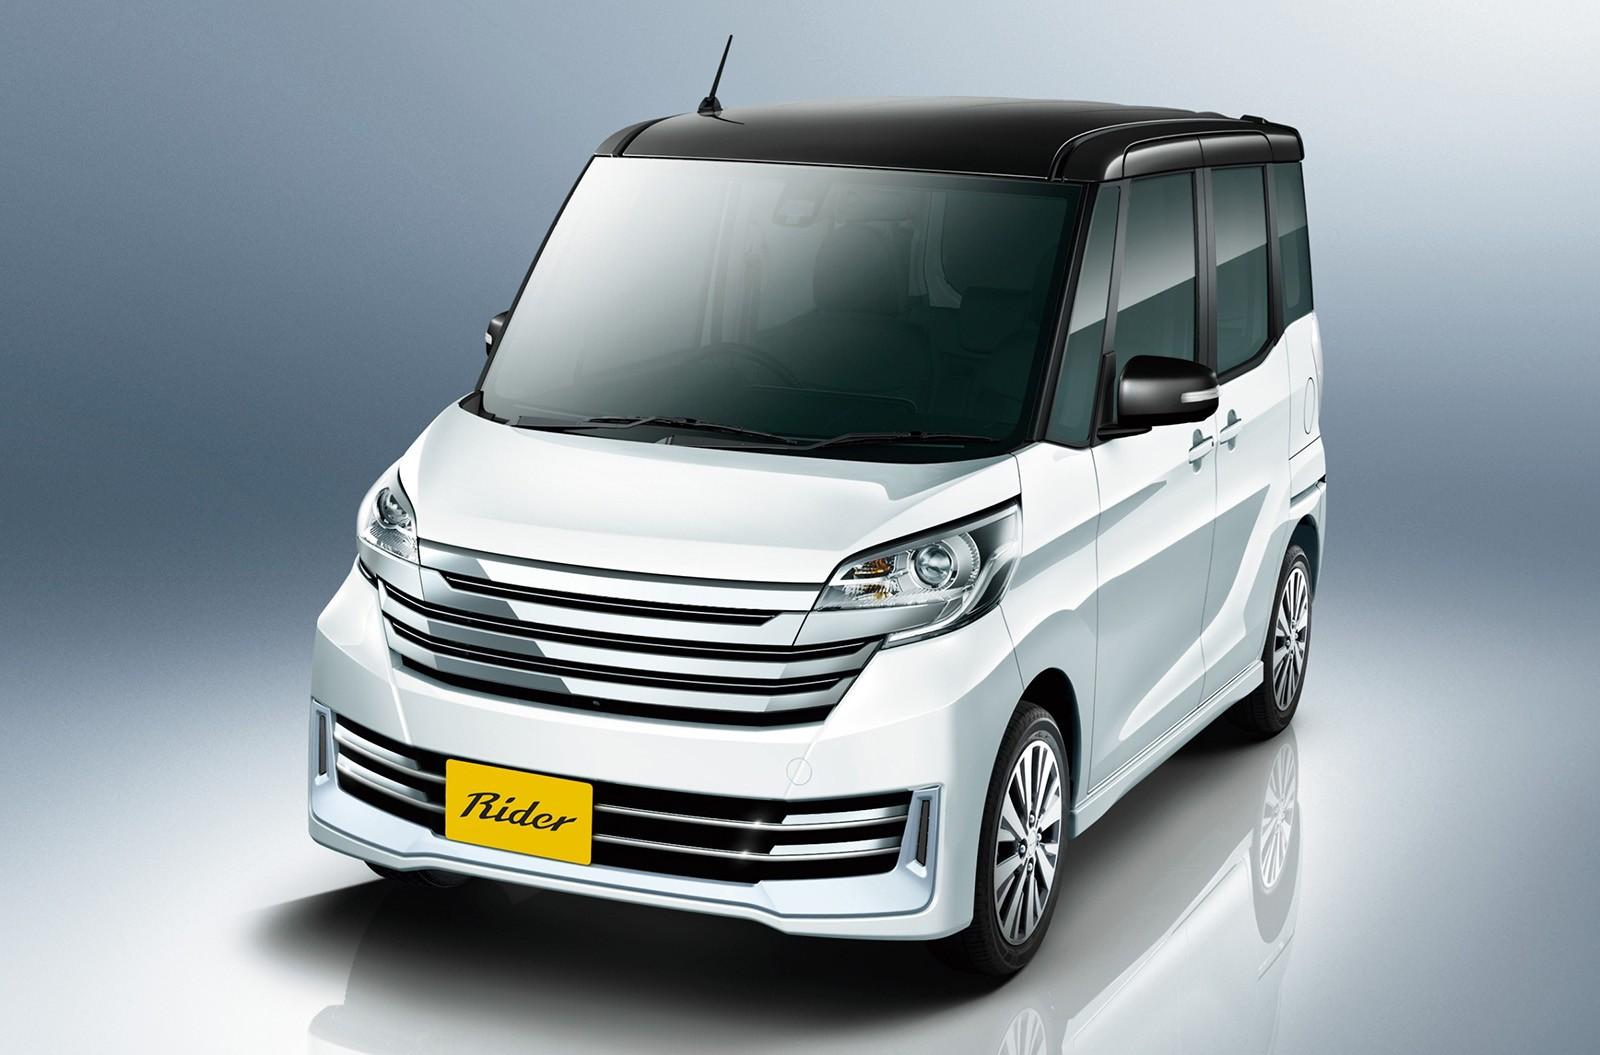 Топ 10 бюджетных автомобилей из Японии с автоаукционов – рейтинг Autosender